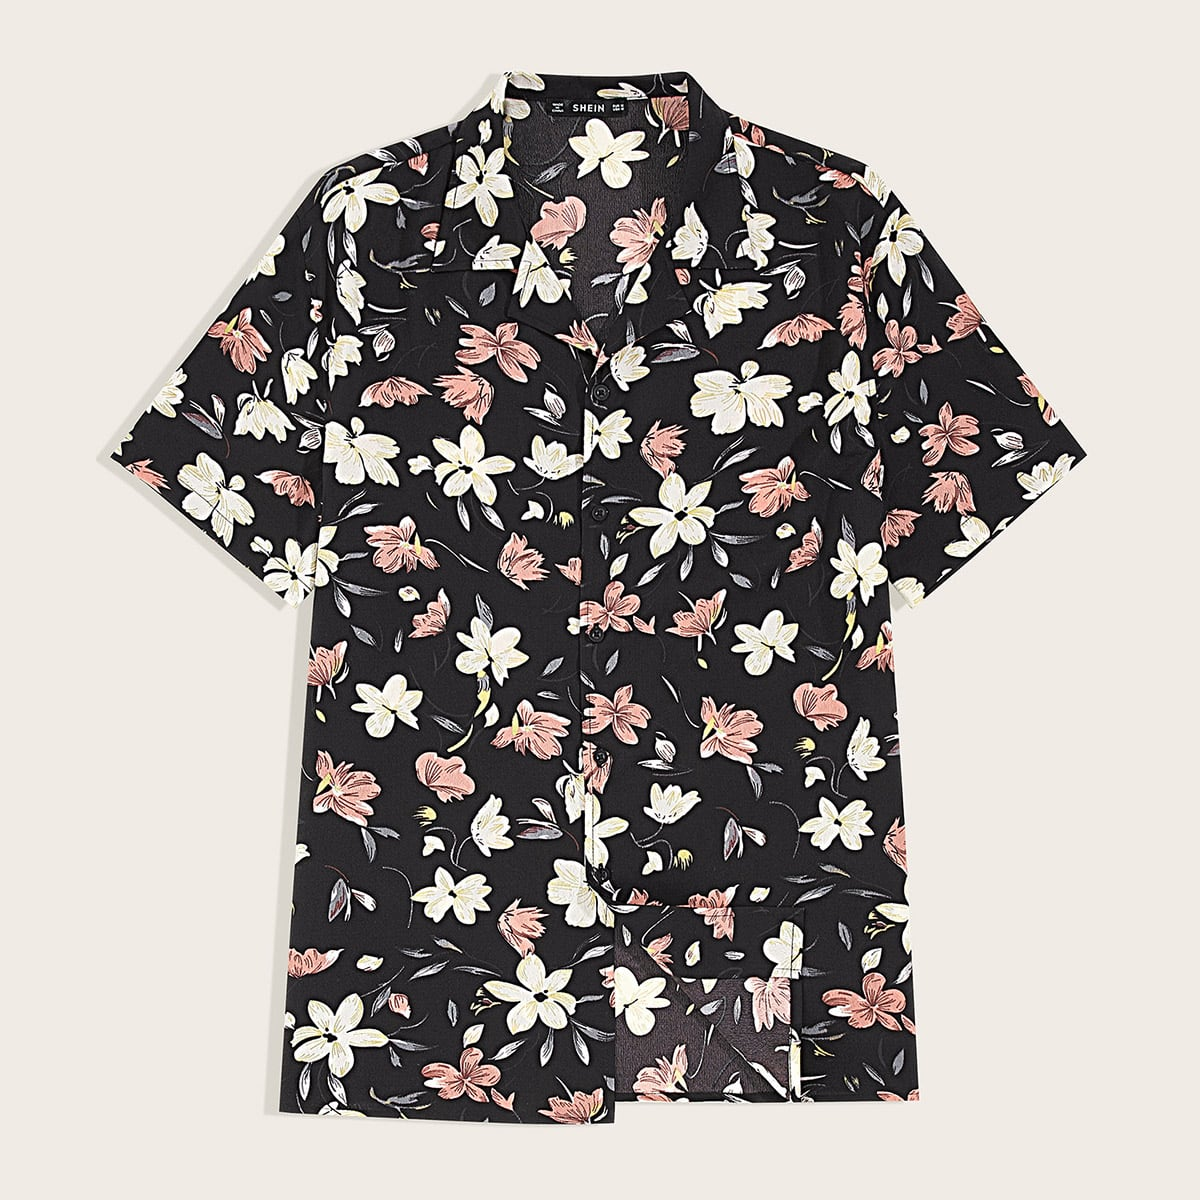 Мужская рубашка с цветочным принтом и клиновидным вырезом